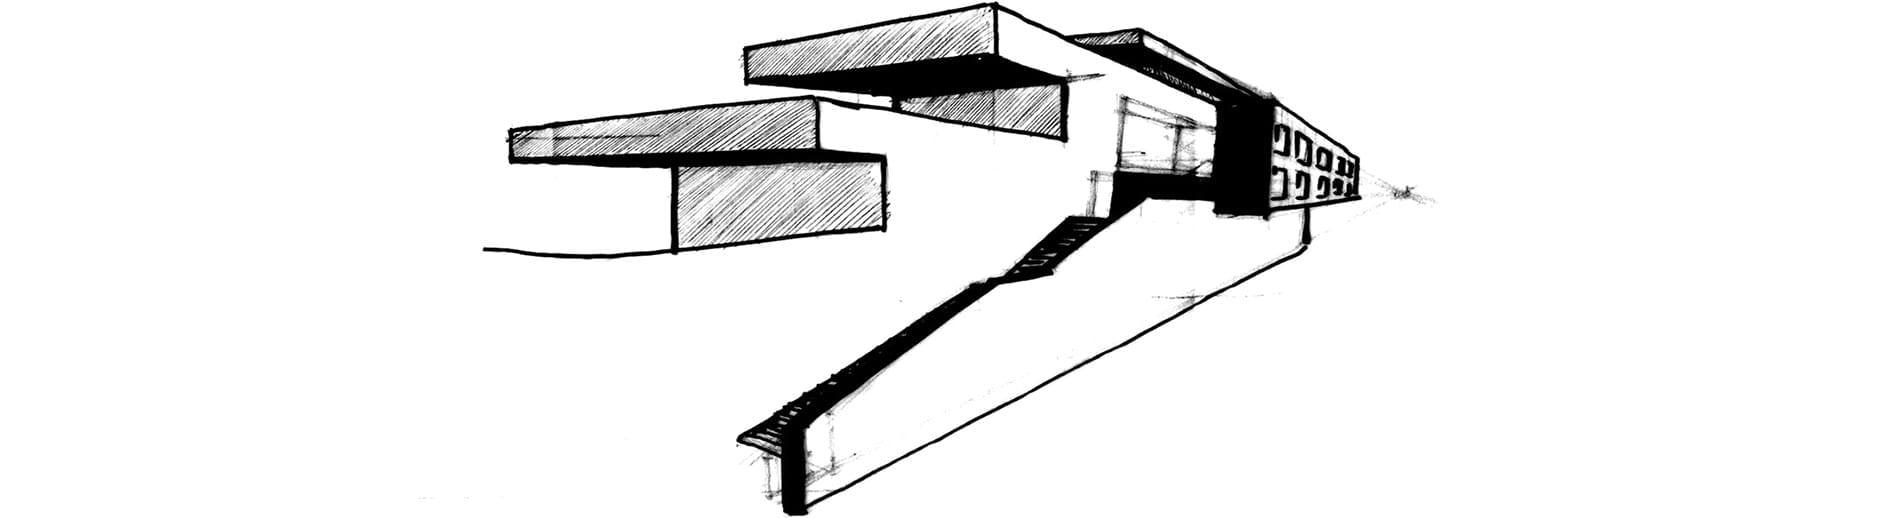 Simotti Realizzazione edifici roma